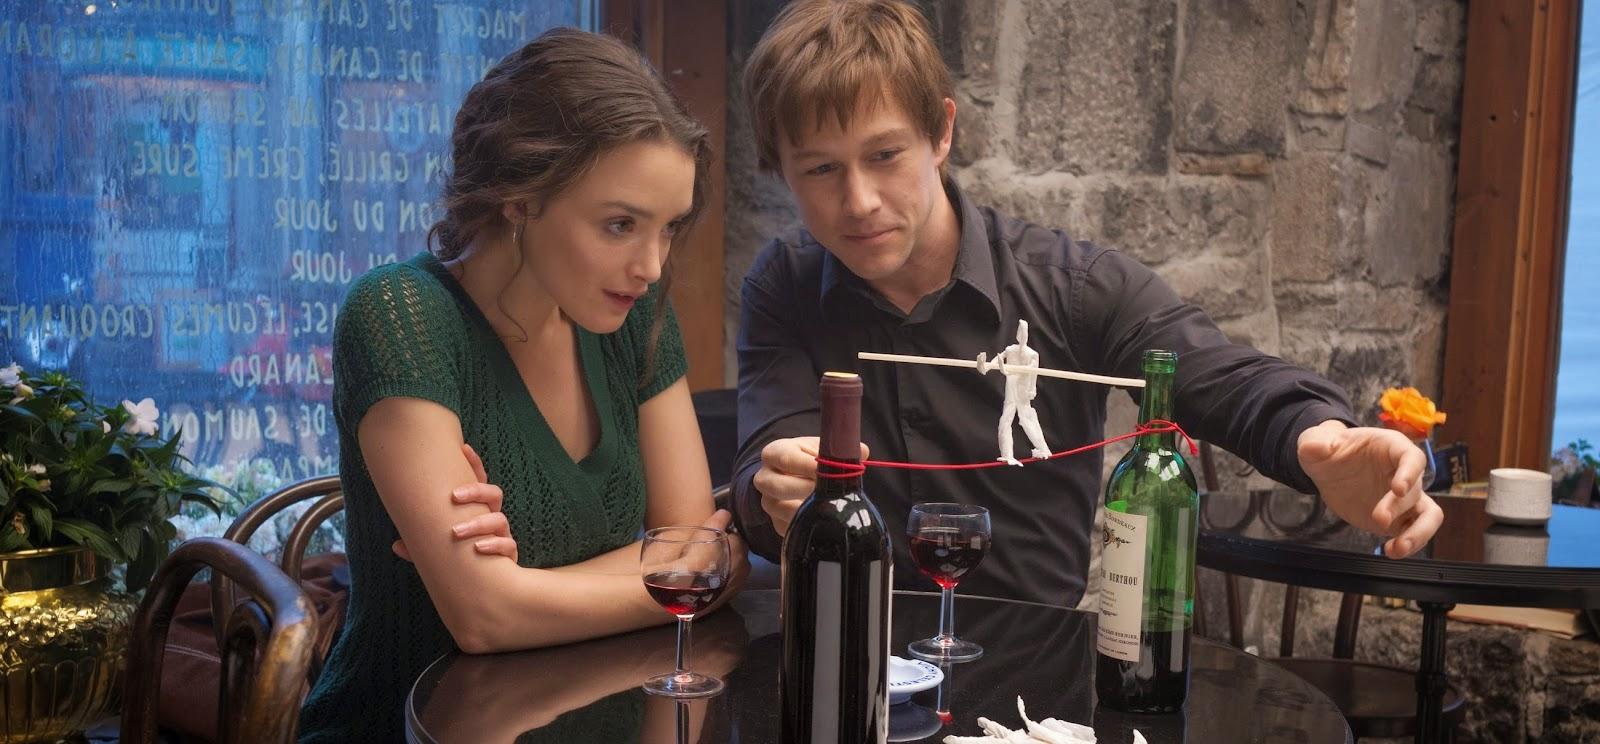 Sony Pictures anuncia término das filmagens de THE WALK, estrelado por Joseph Gordon-Levitt